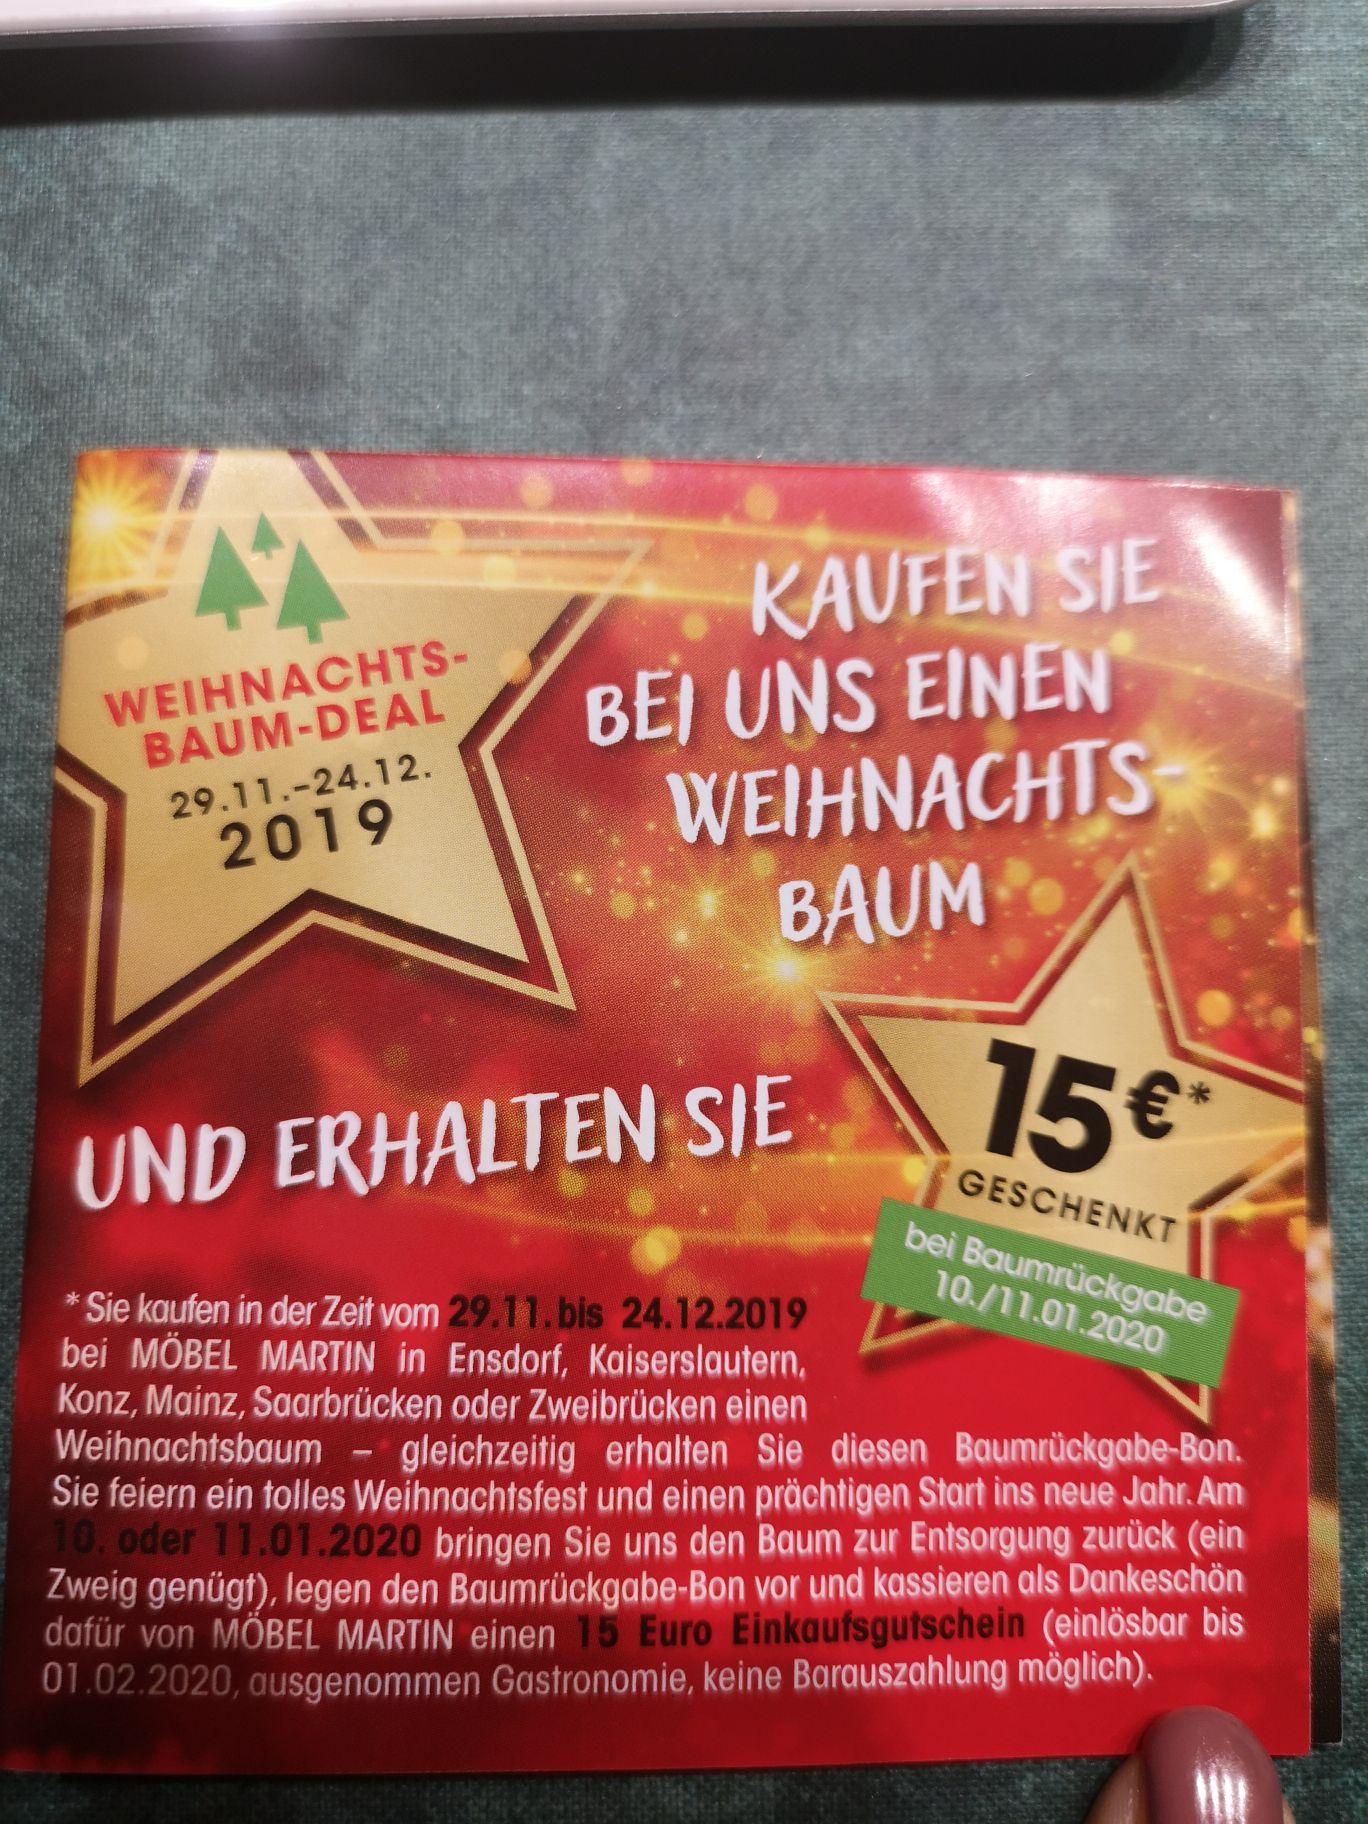 Möbel Martin Weihnachtsbaumdeal mit 15€ Gutschein beim Kauf eines Weihnachtsbaumes